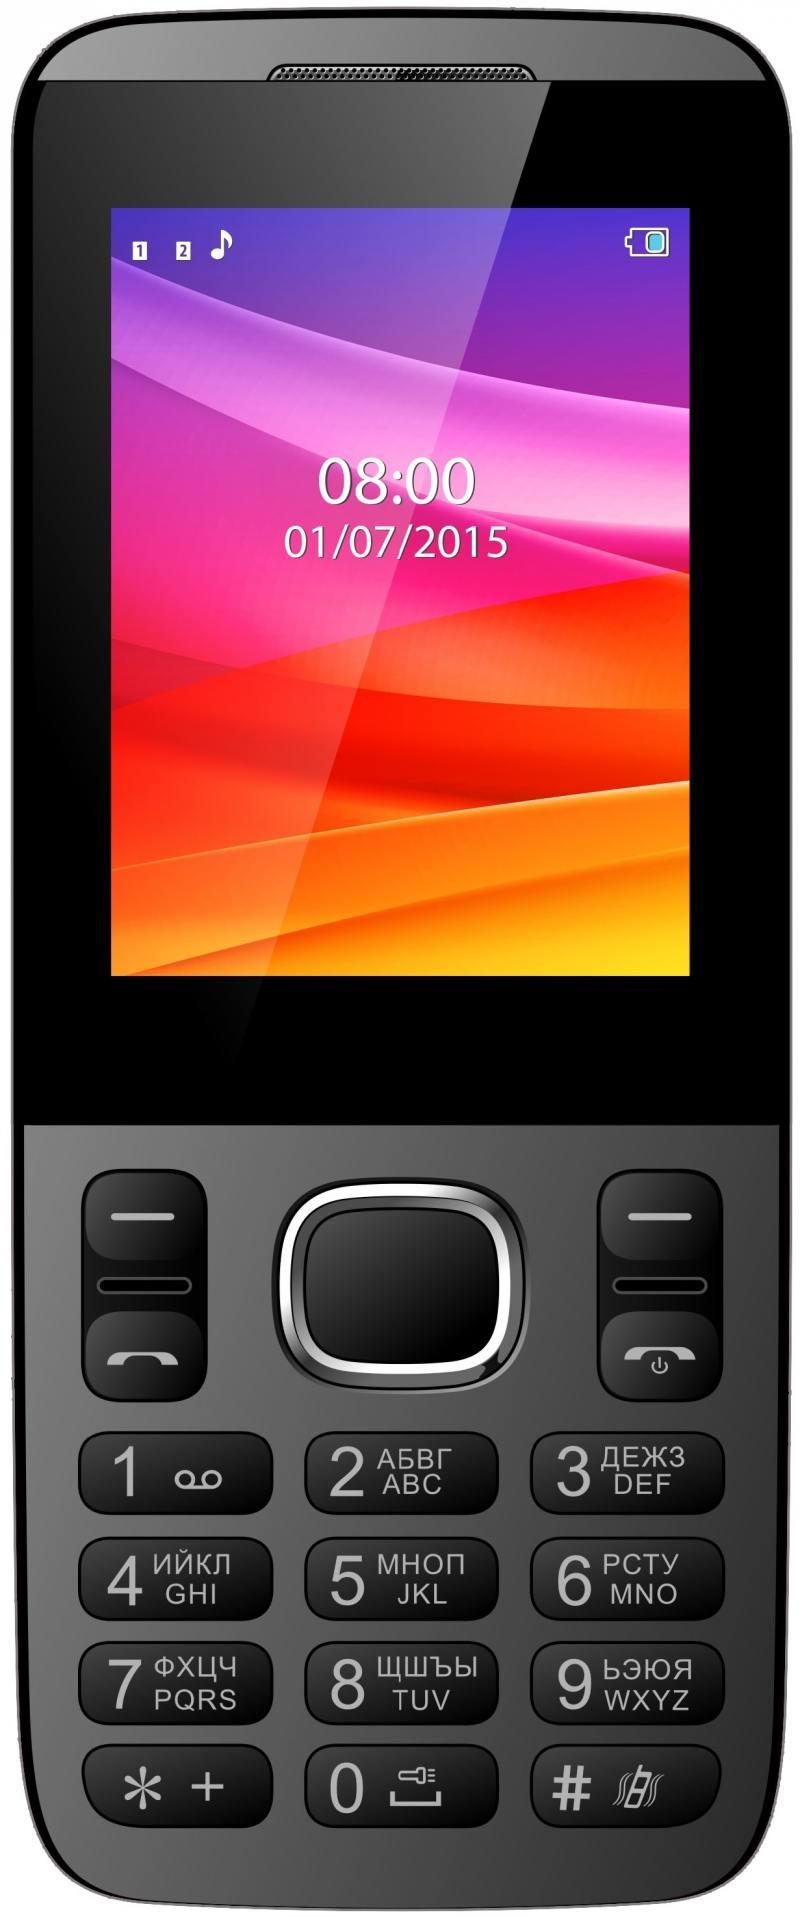 Мобильный телефон Vertex D503 черный 2.4 vertex vertex impress lion 4g